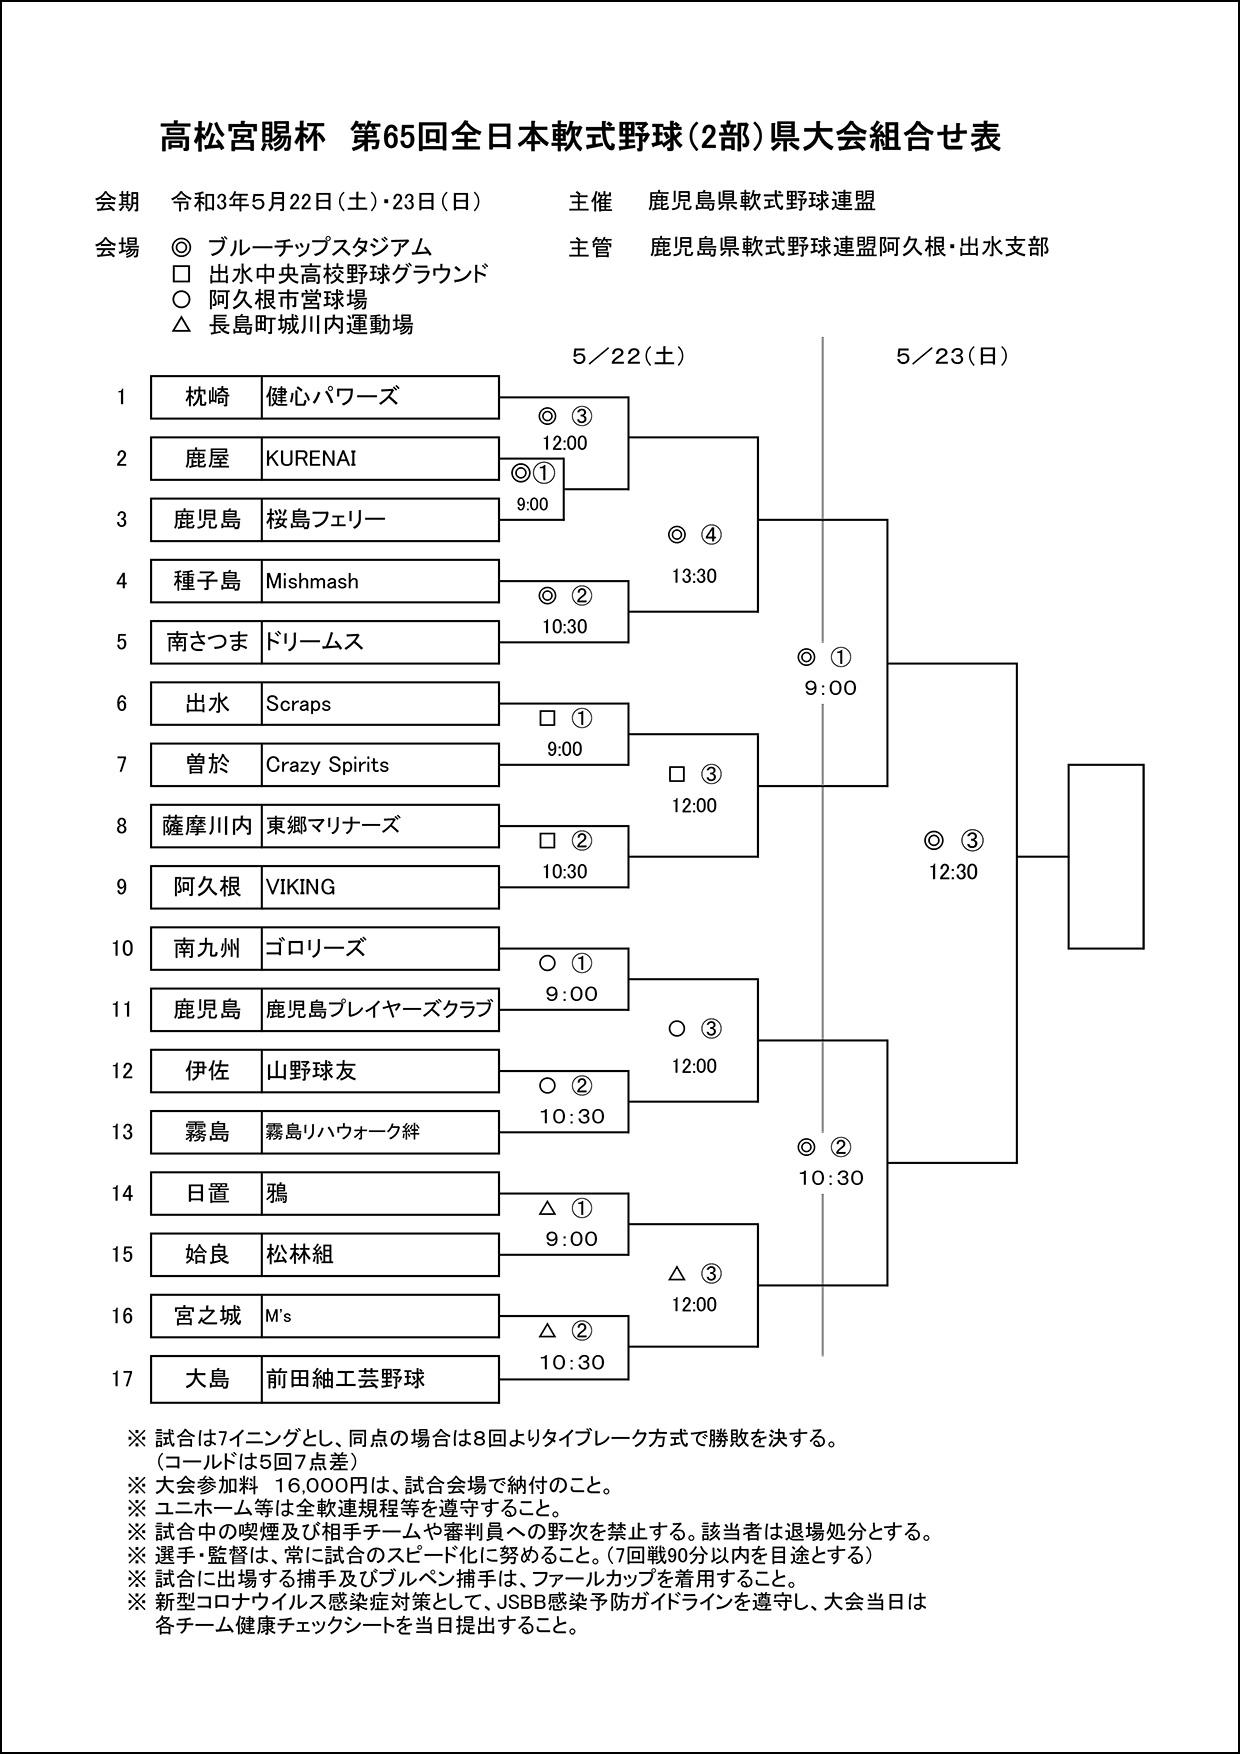 【組合せ】高松宮賜杯 第65回全日本軟式野球(2部)県大会